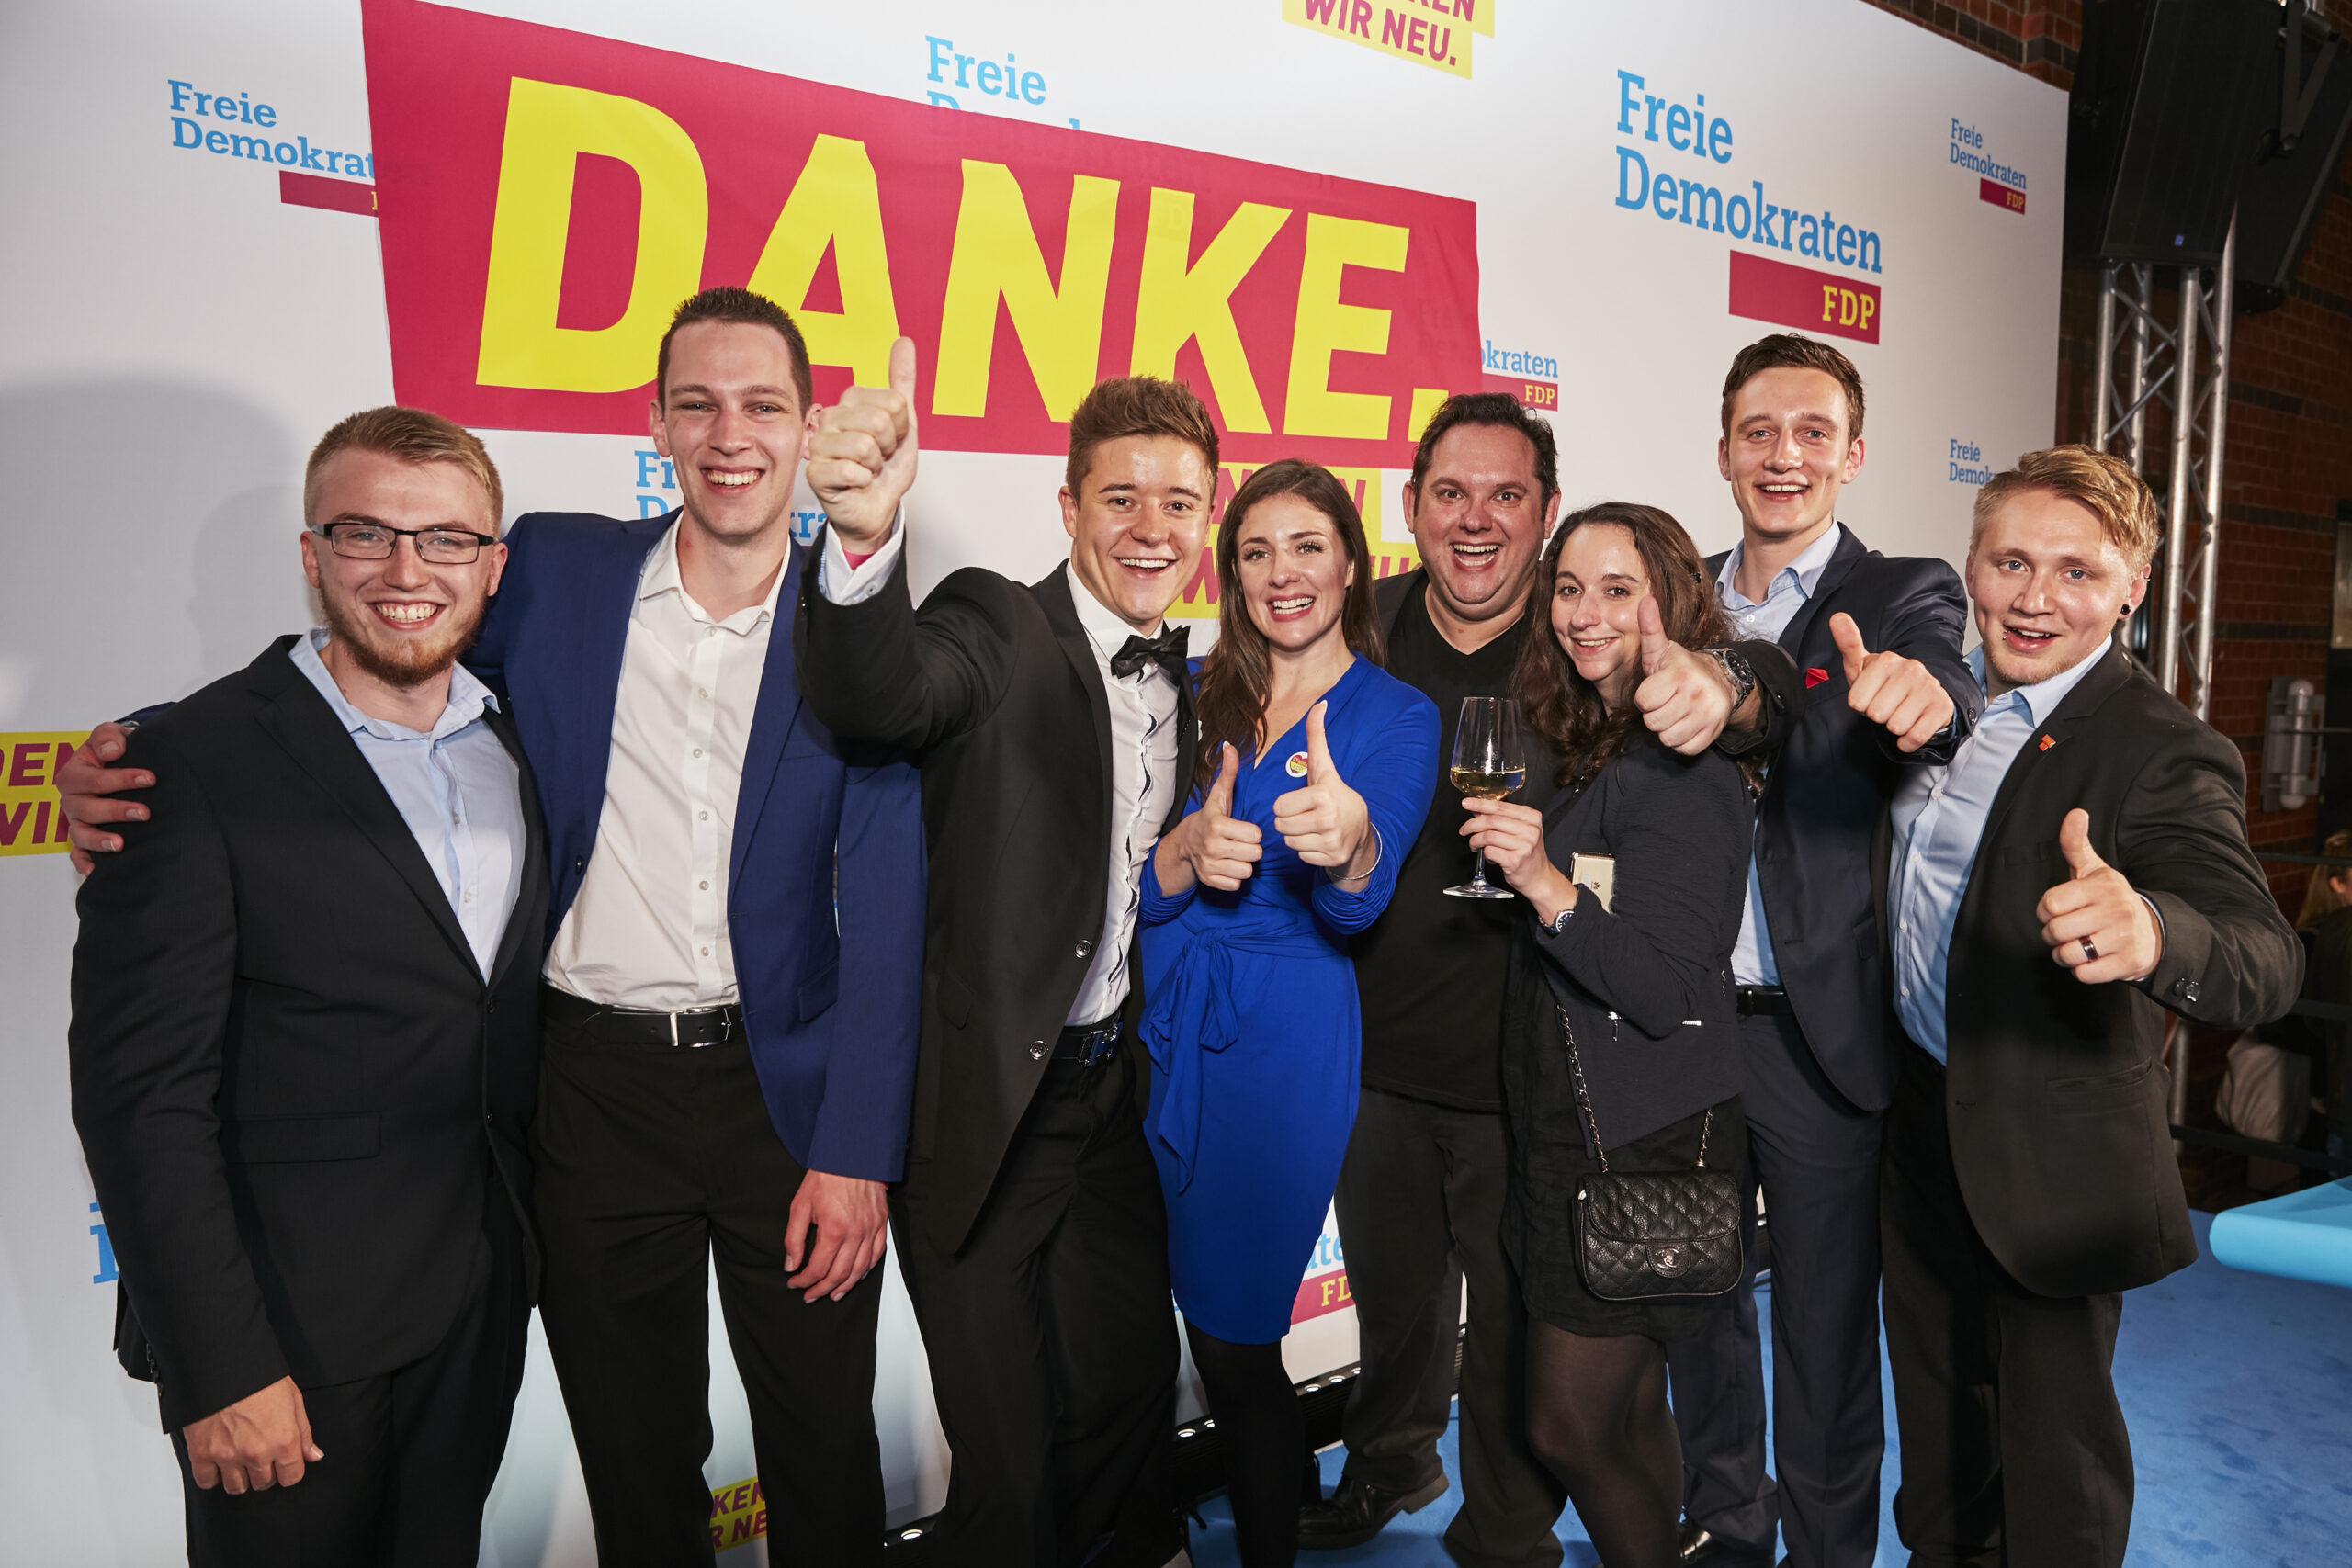 Wahlparty der FDP zu den Bundestagswahlen 2017